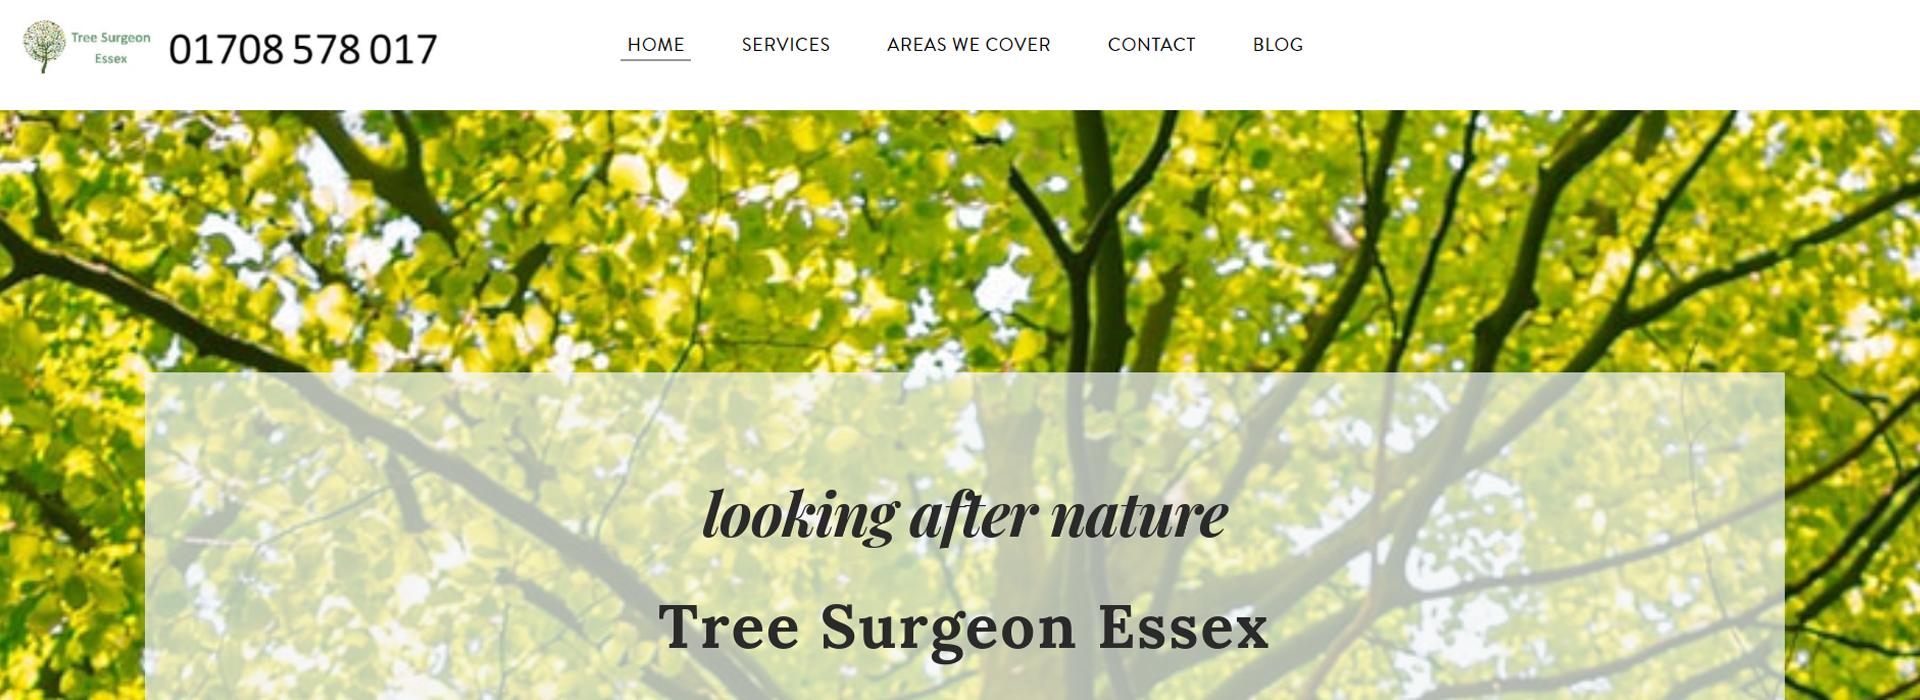 Tree surgeon essex